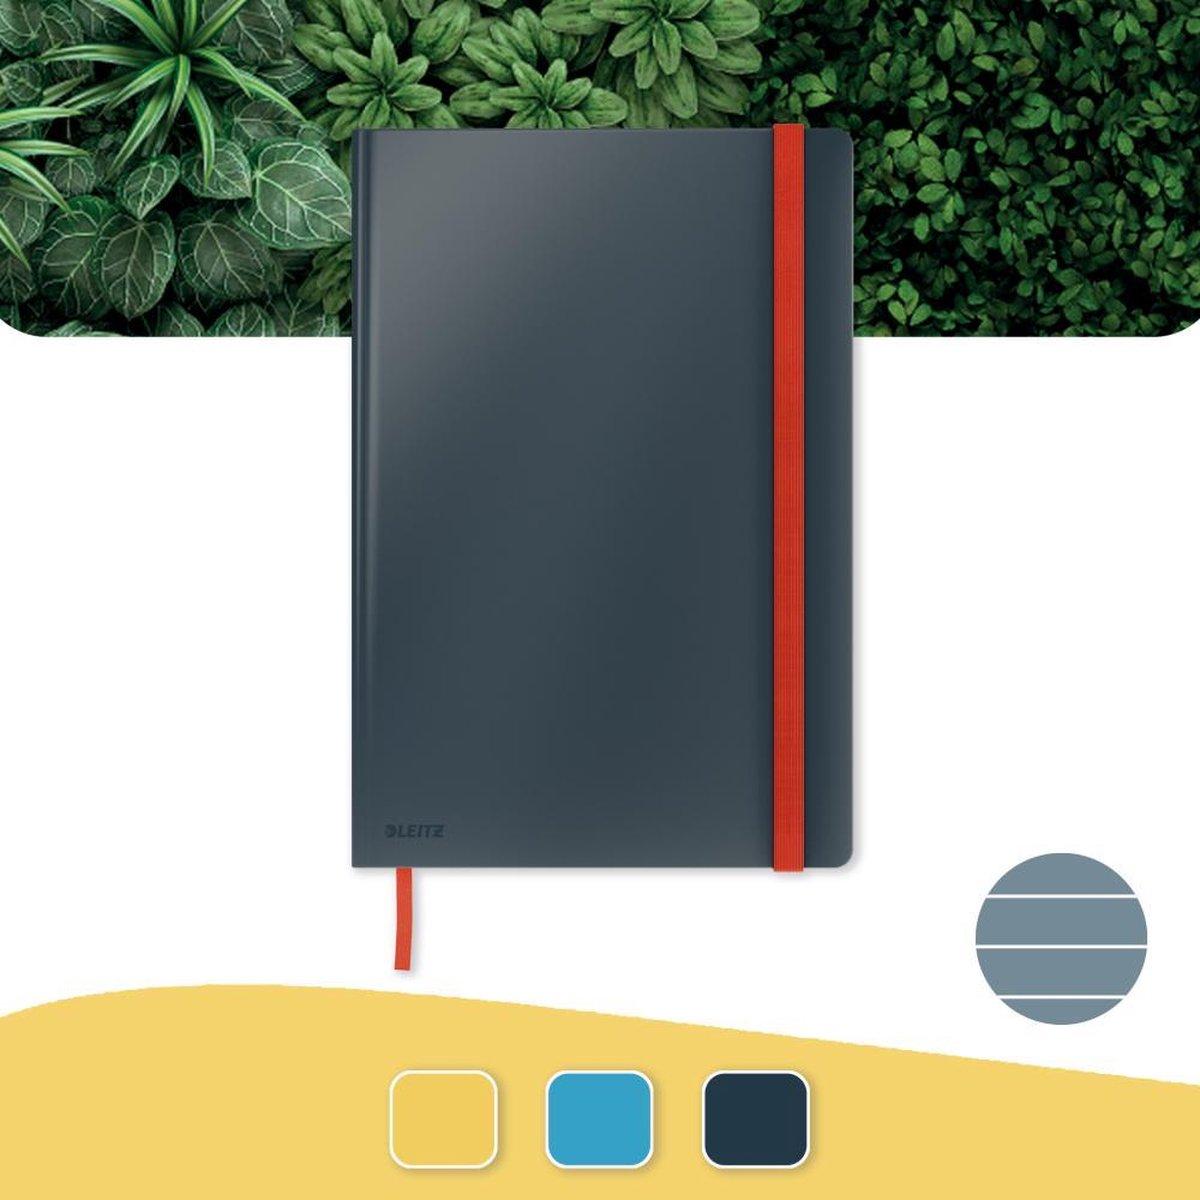 Leitz Cosy Notitieboek B5 Soft Touch Gelijnd - Notitieboek Hard Cover - Voor Kantoor En Thuiswerken - Fluweel Grijs - Ideaal Voor Thuiskantoor